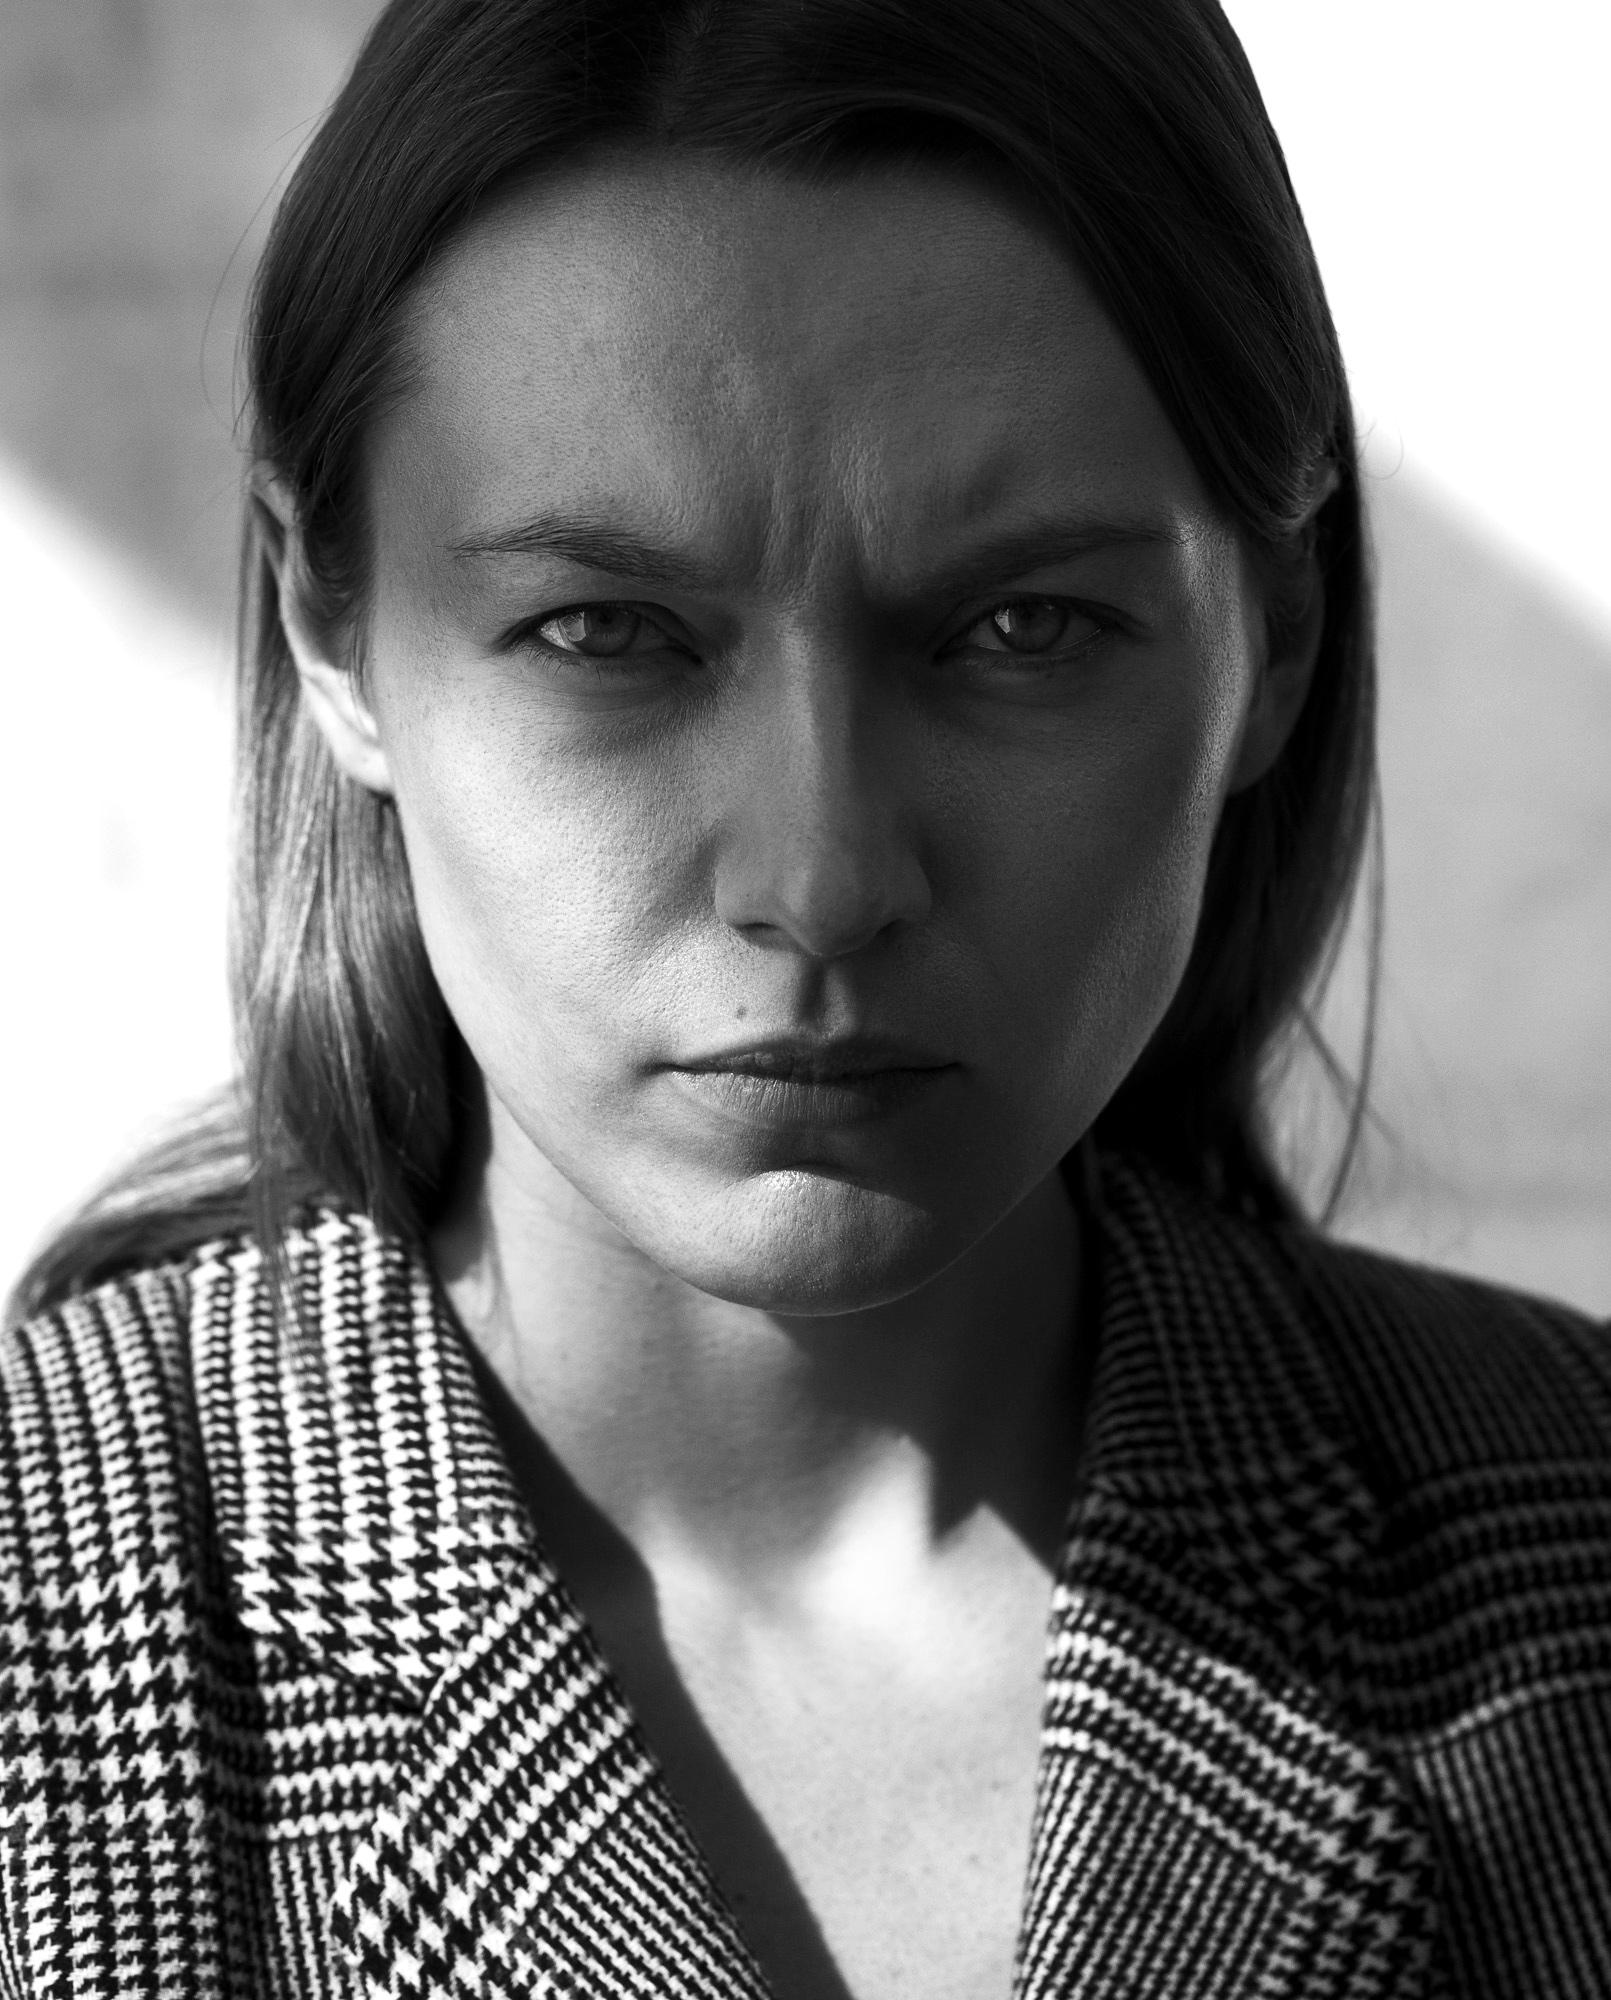 Beata Tiškevič - actress, writer, host at television and radio shows.